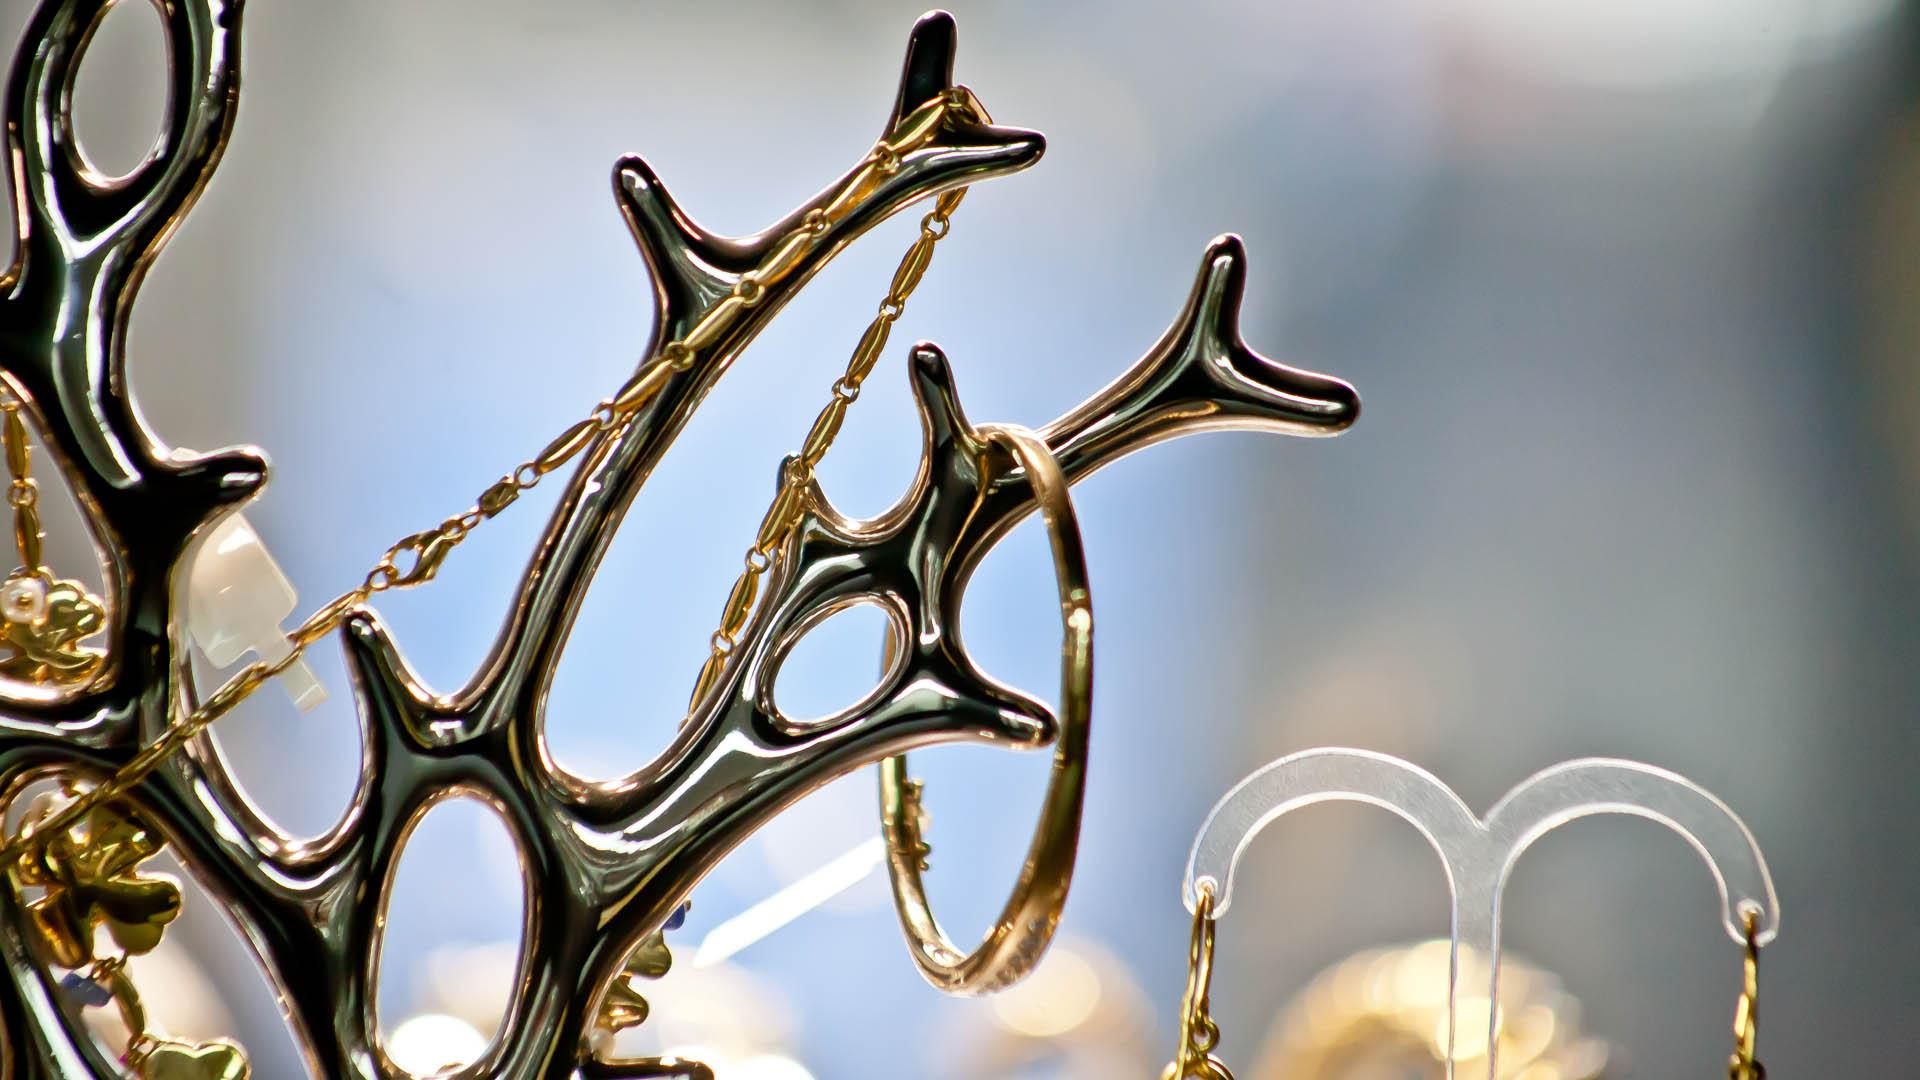 Goldkettchen beim Juwelier Käfer aus München am Hauptbahnhof